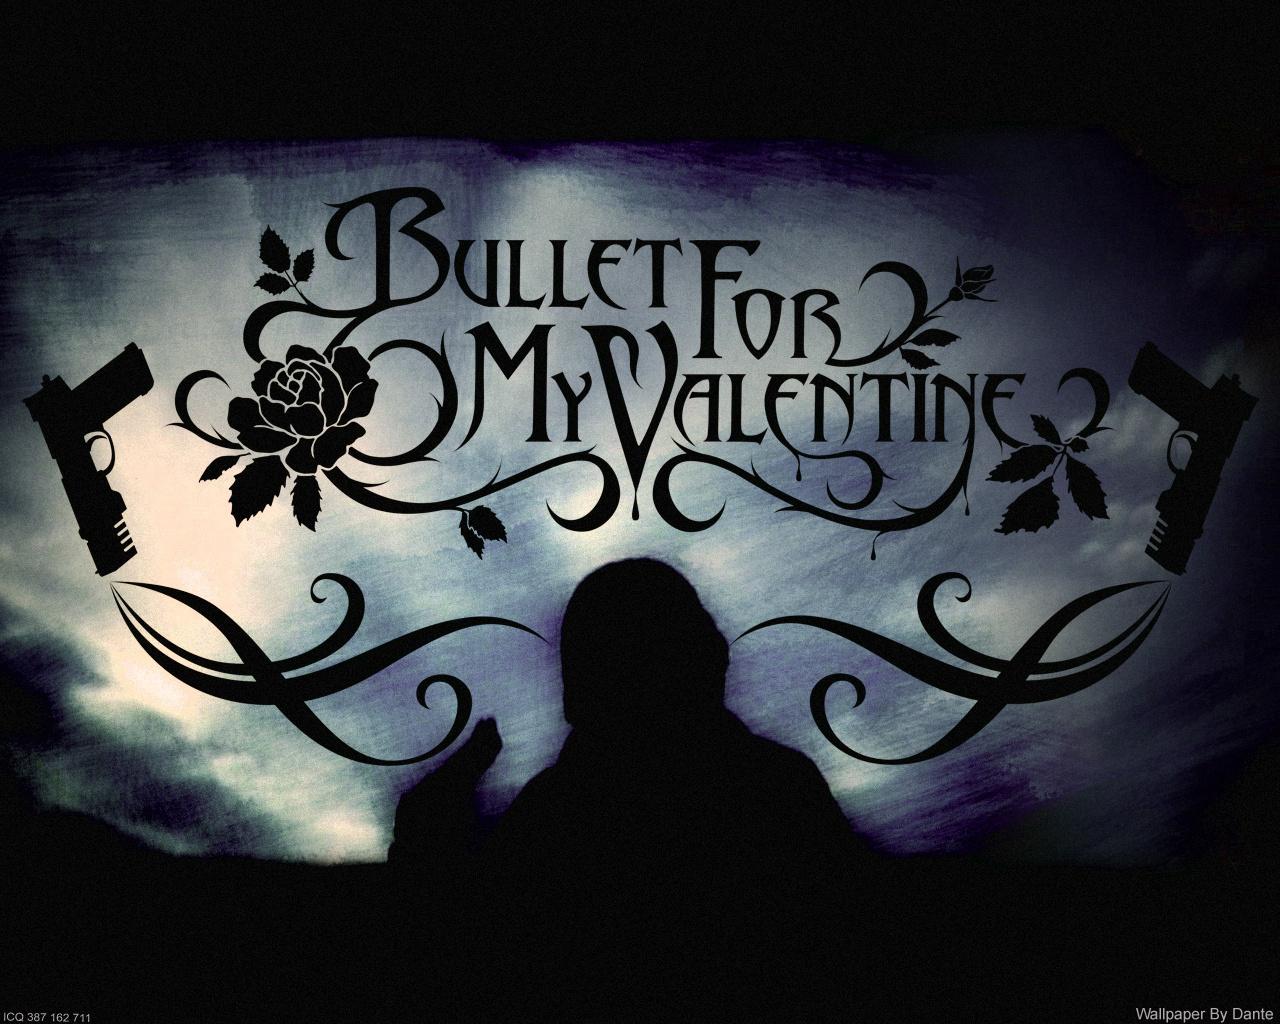 壁紙 ブレット フォー マイ ヴァレンタイン 音楽 ダウンロード 写真